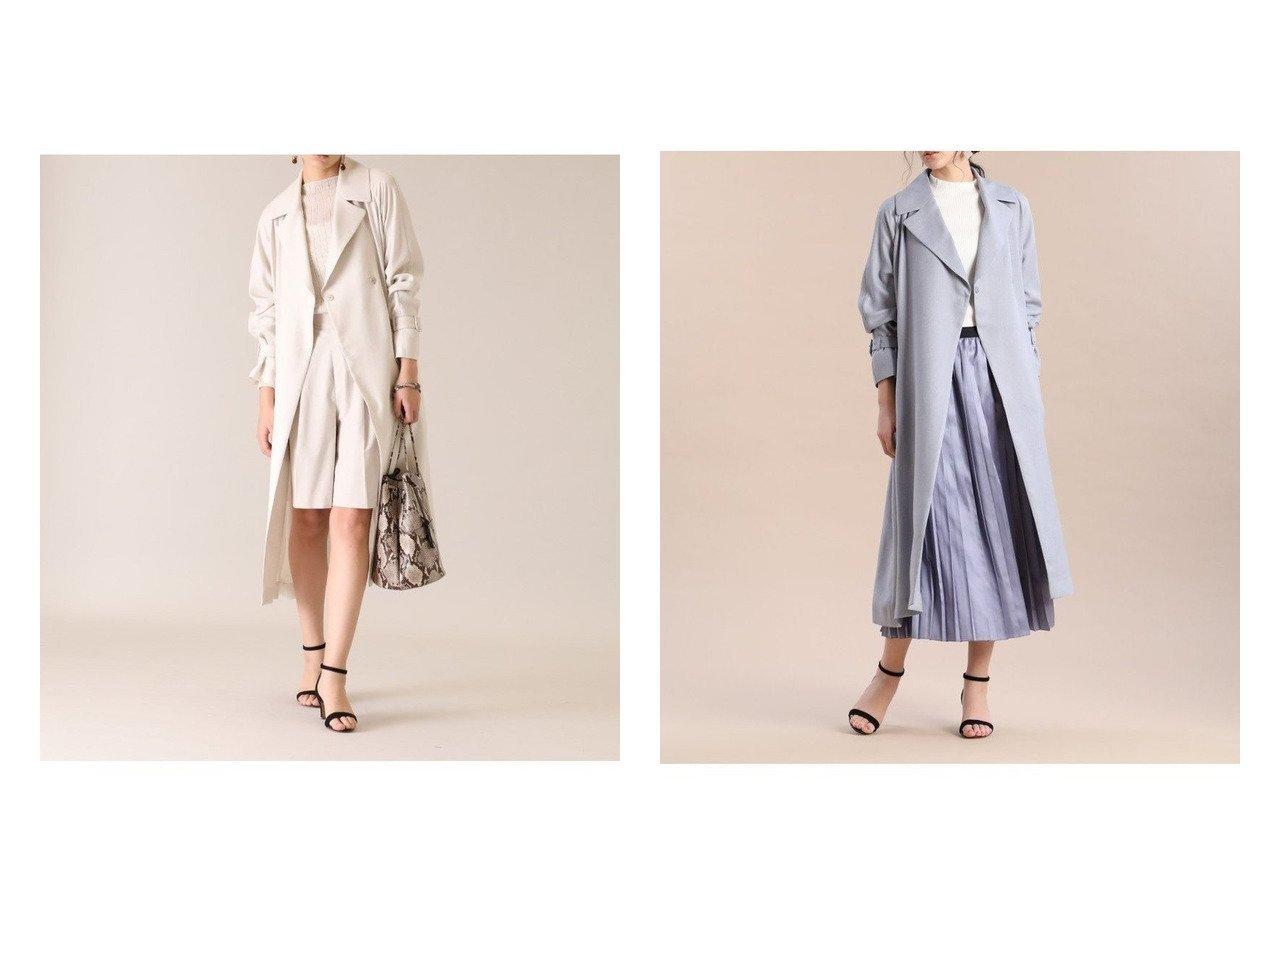 【INED/イネド】のリネンライクラグランコート アウターのおすすめ!人気、トレンド・レディースファッションの通販 おすすめで人気の流行・トレンド、ファッションの通販商品 メンズファッション・キッズファッション・インテリア・家具・レディースファッション・服の通販 founy(ファニー) https://founy.com/ ファッション Fashion レディースファッション WOMEN アウター Coat Outerwear コート Coats ジャケット Jackets ジャケット フロント ポケット ロング |ID:crp329100000022648